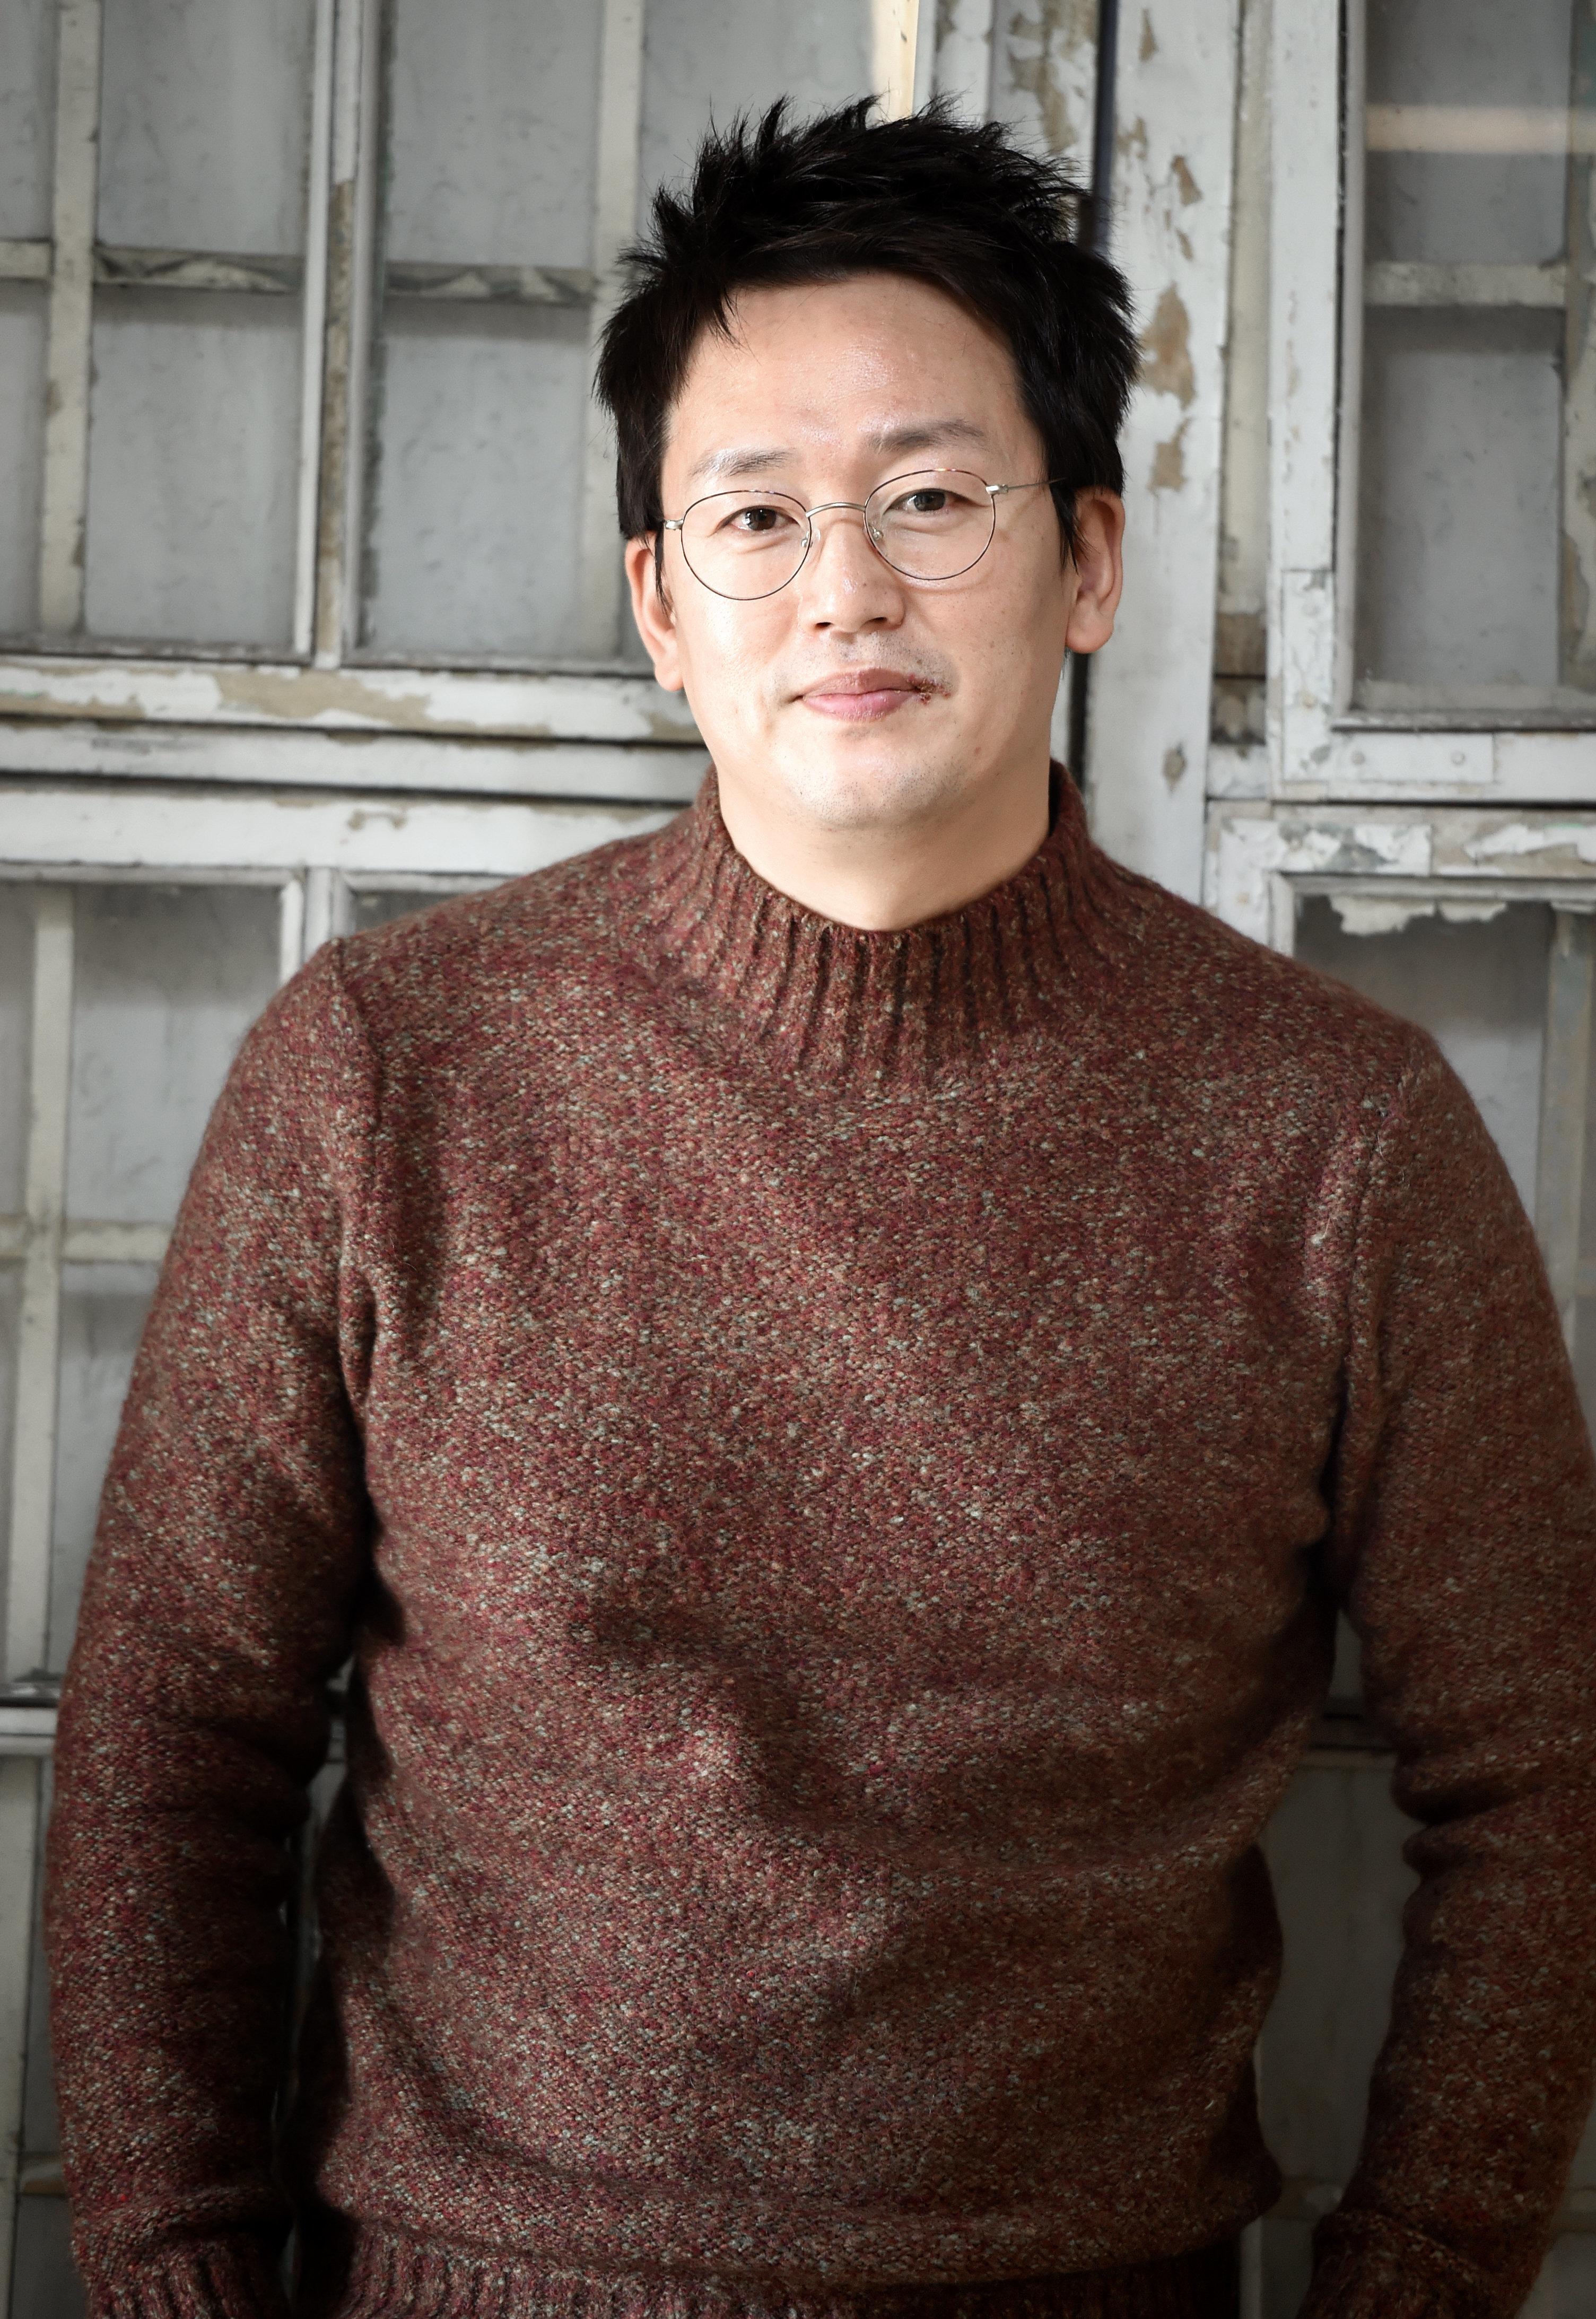 배우 김정태의 간암 투병 사실이